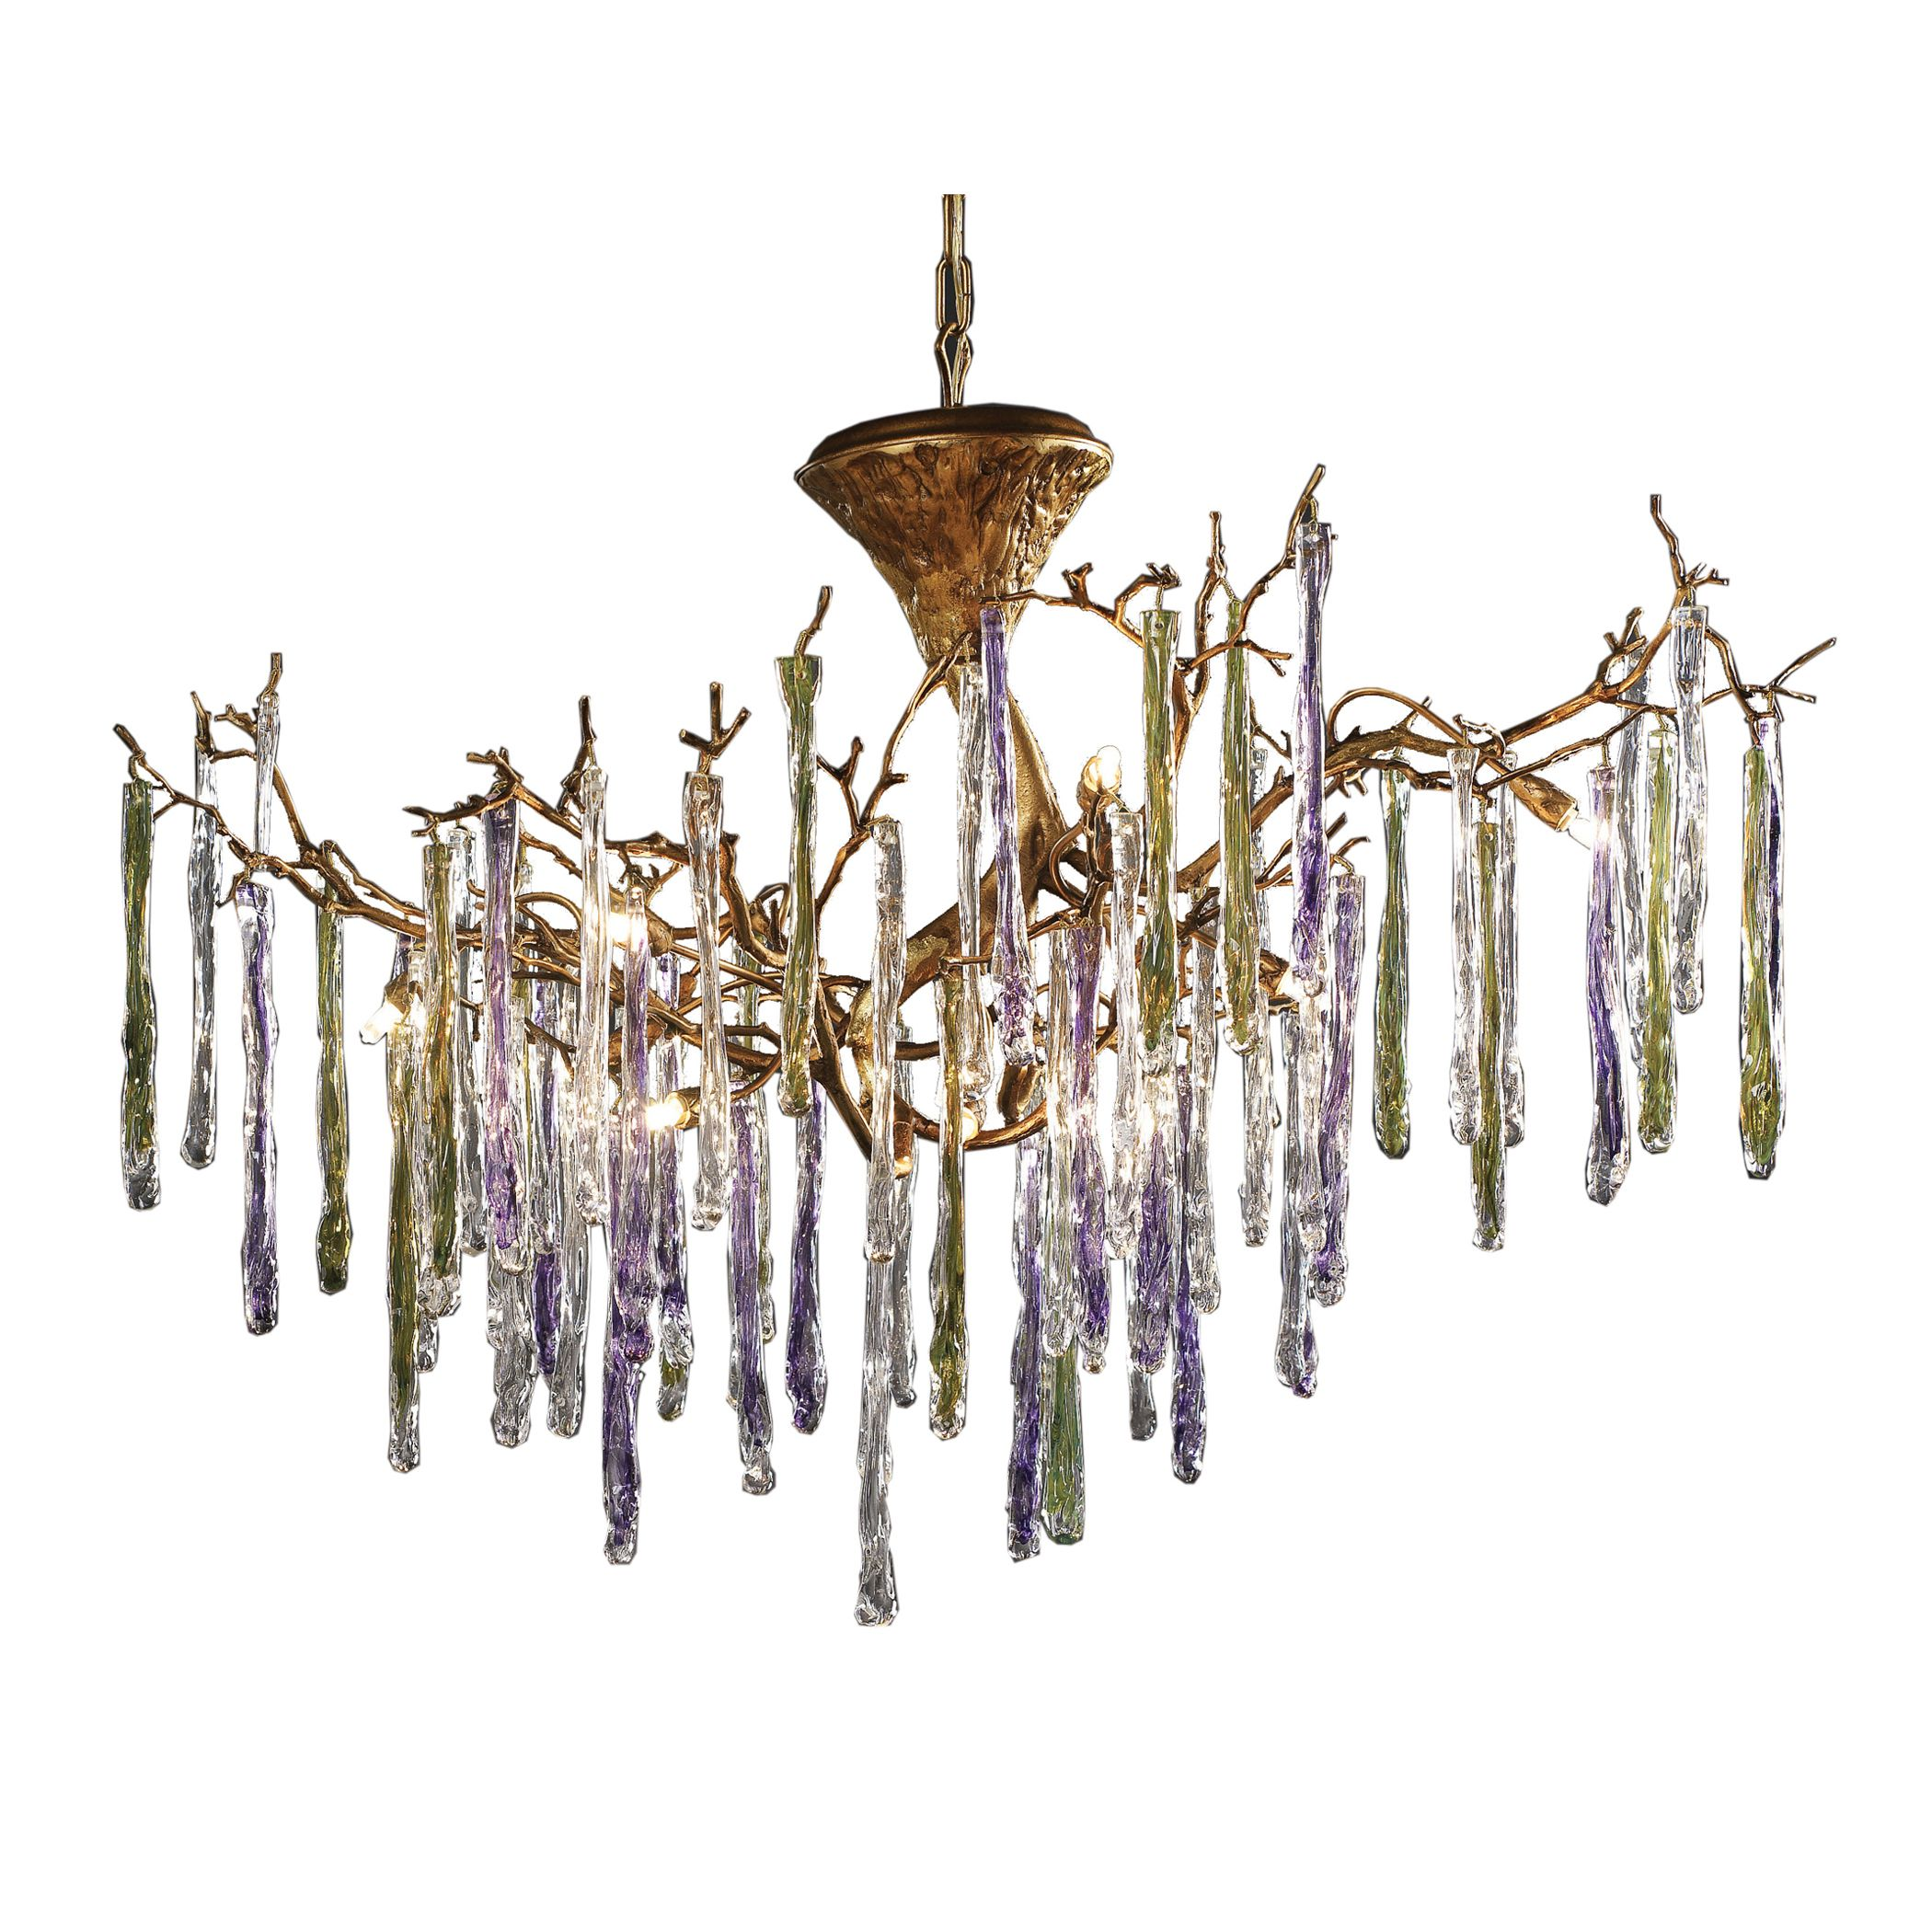 Stalavidri 12 light chandelier in talha bronze and multi hued spires stalavidri 12 light chandelier in talha bronze and multi hued spires arubaitofo Choice Image